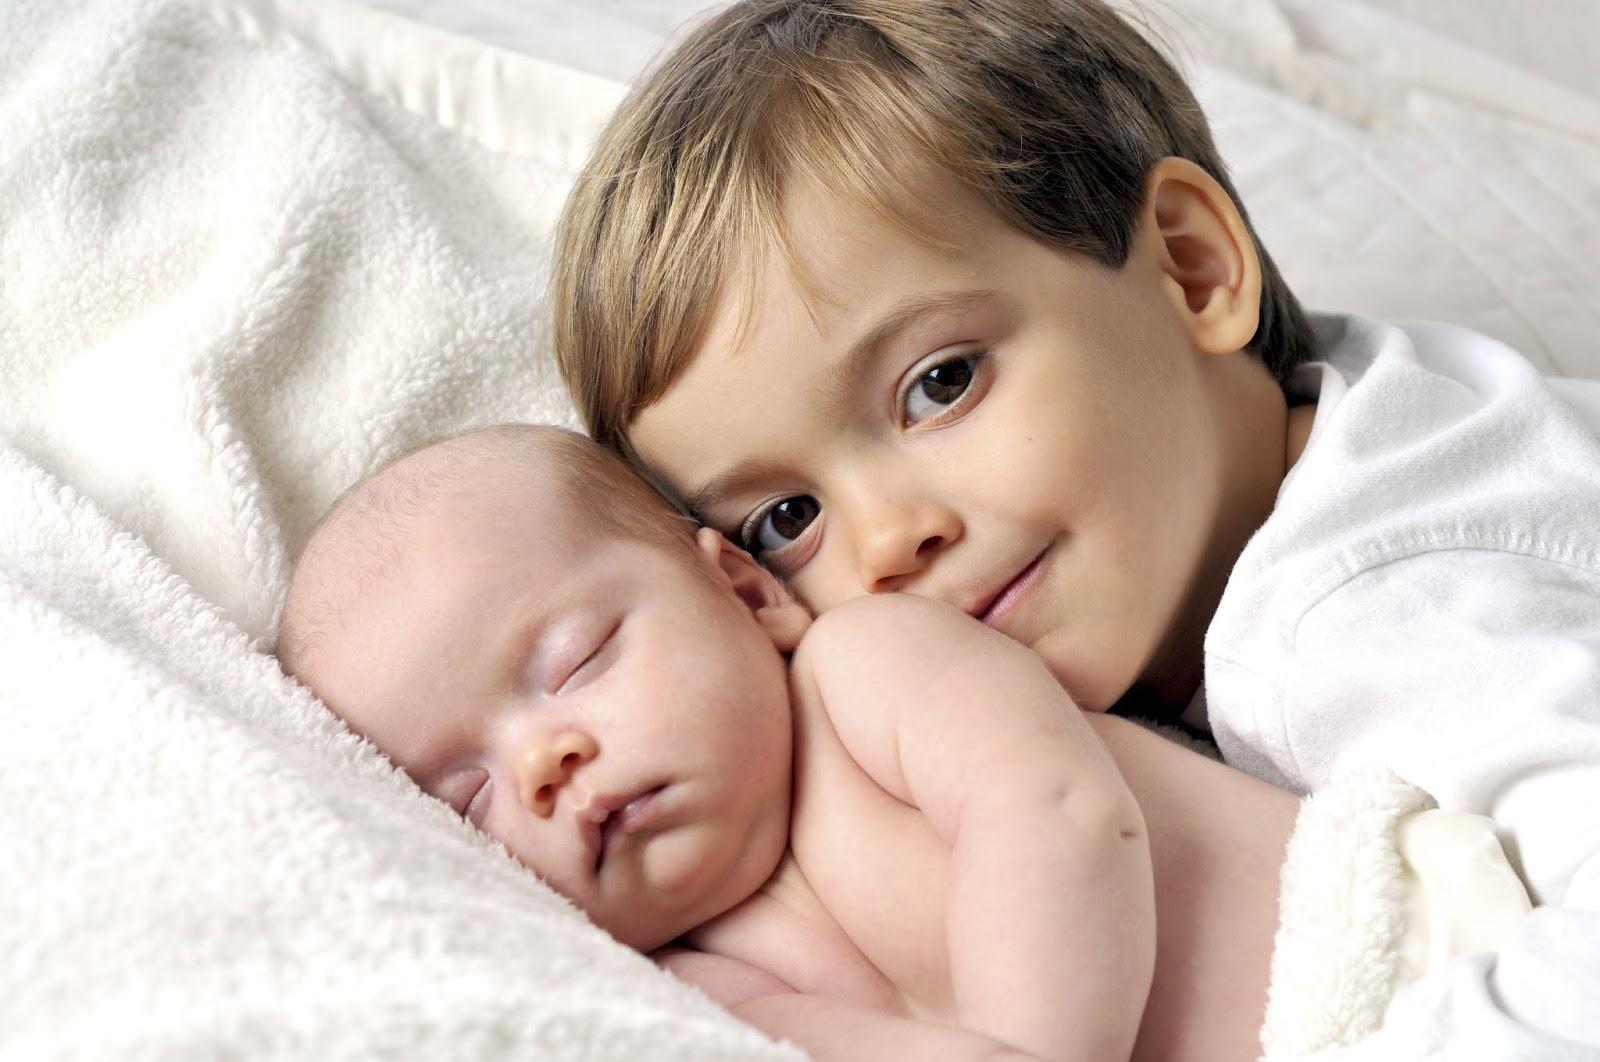 Çocukların kardeş kıskançlığı nasıl önlenir